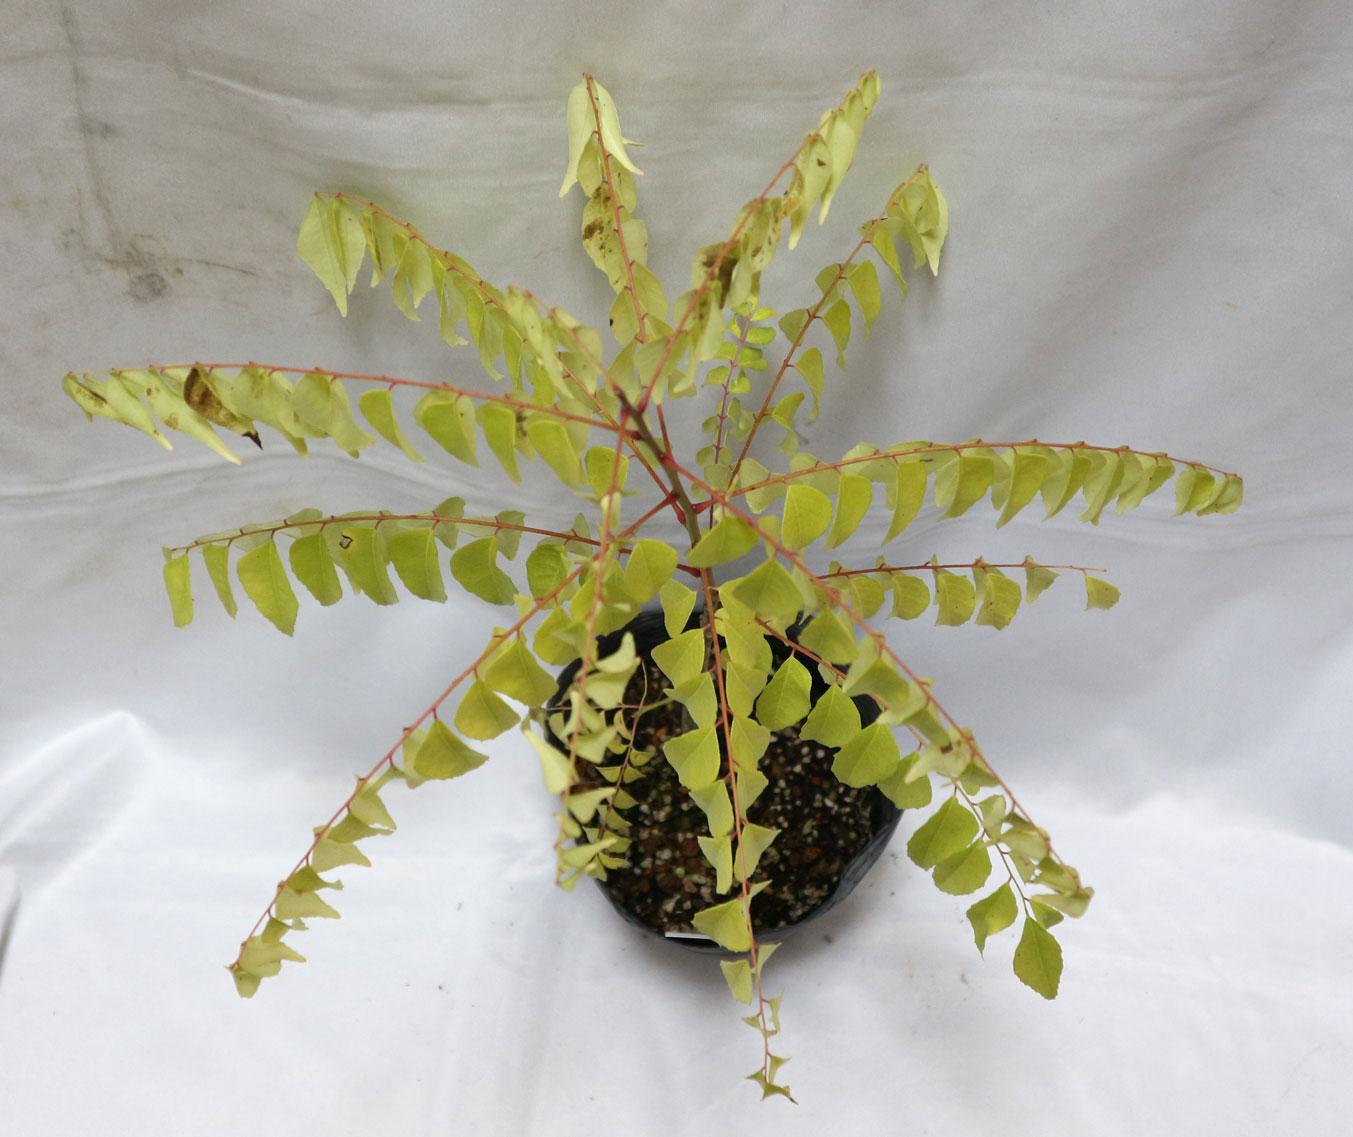 「カレーリーフ(オオバゲッキツ・カレーの木)」12cmポット大苗!!希少なカレーリーフ入荷しました!通年植付け可能!ミカン科ゲッキツ属の常緑樹!カレーの風味付けに欠かせないハーブ!是非フリッシュリーフを使って調理してください。冬場は画像のように葉が黄変していますが暖